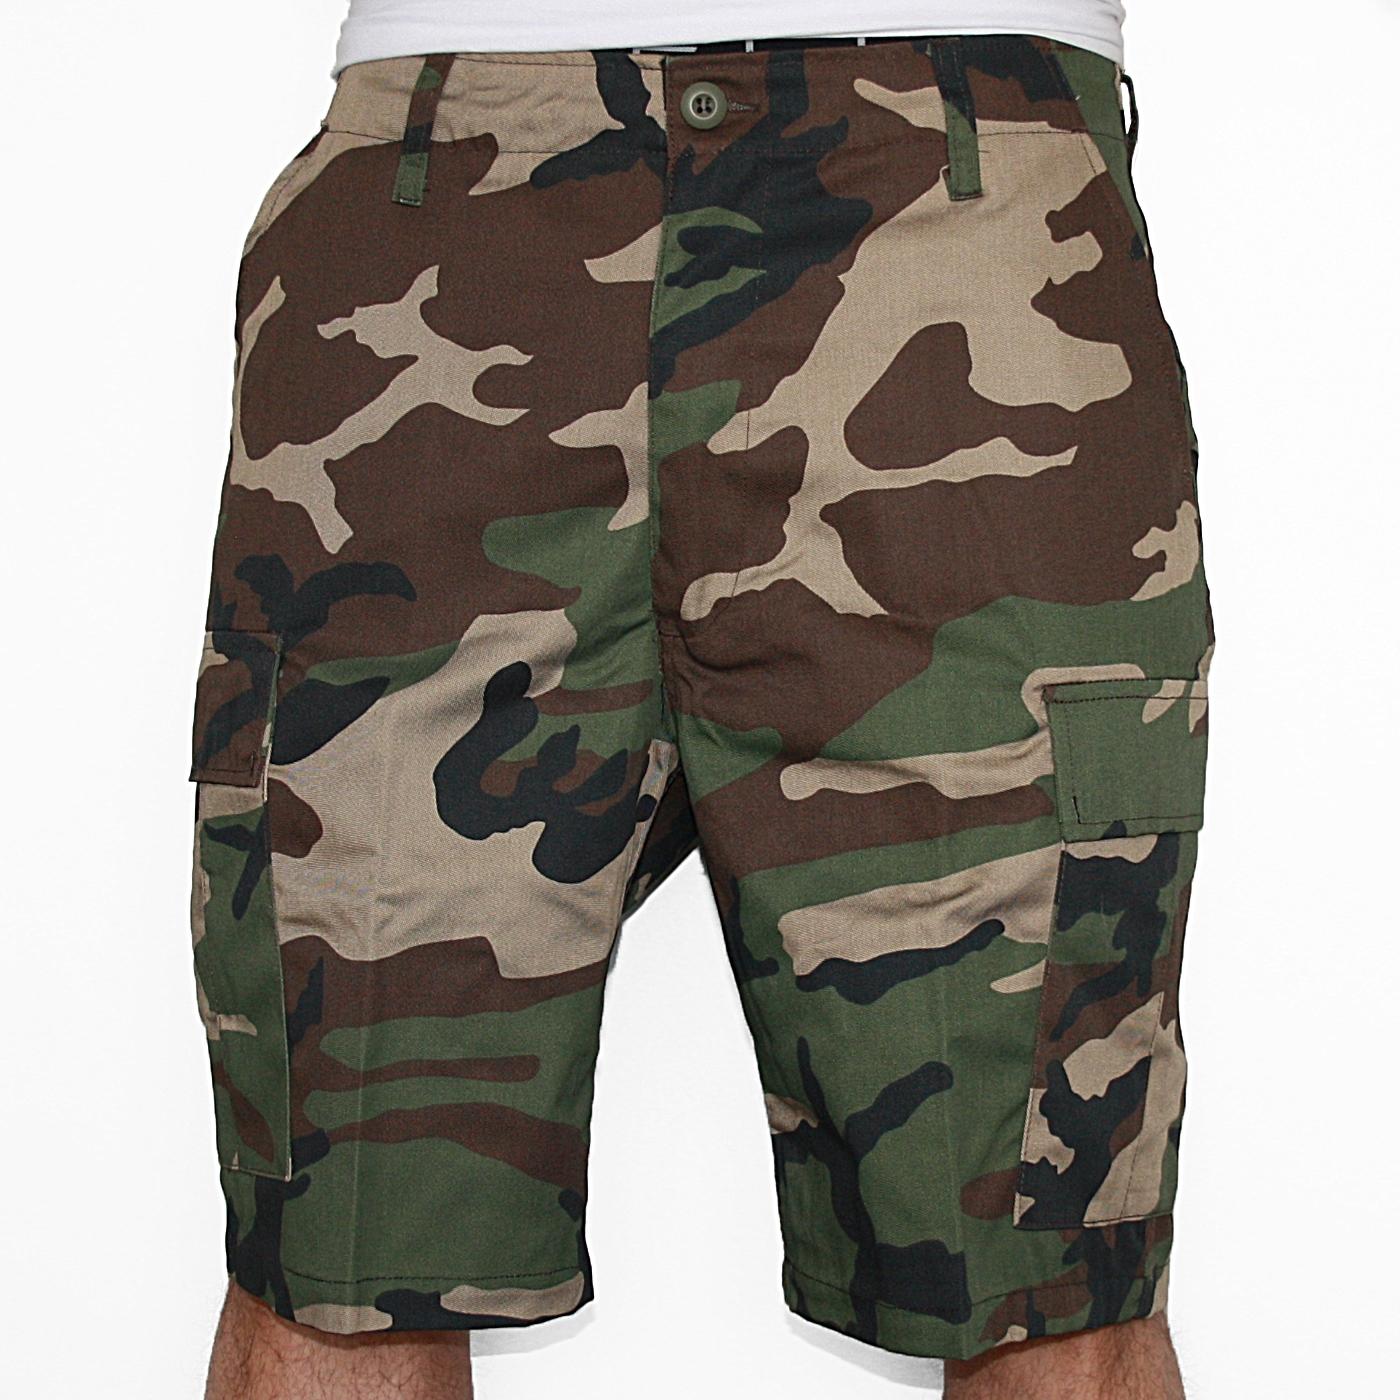 Army Shorts Woodland (ARMYSHORWO) Pants - Rigeshop 4948f808781